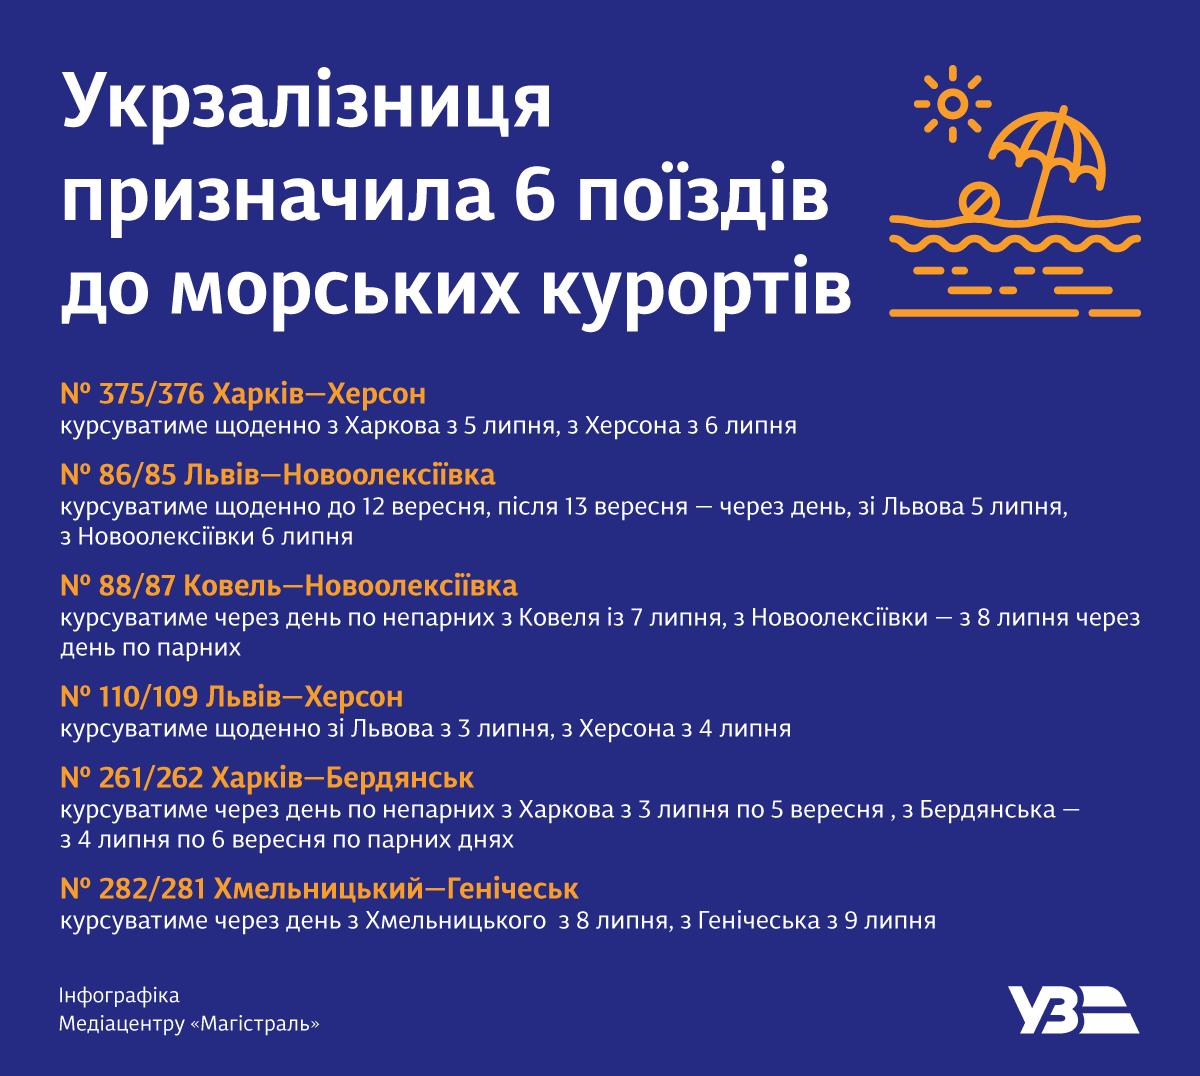 Укрзалізниця запускає ще шість потягів до моря - Укрзалізниця, запуск поїздів - 6 poyizdiv do morskyh kurortiv